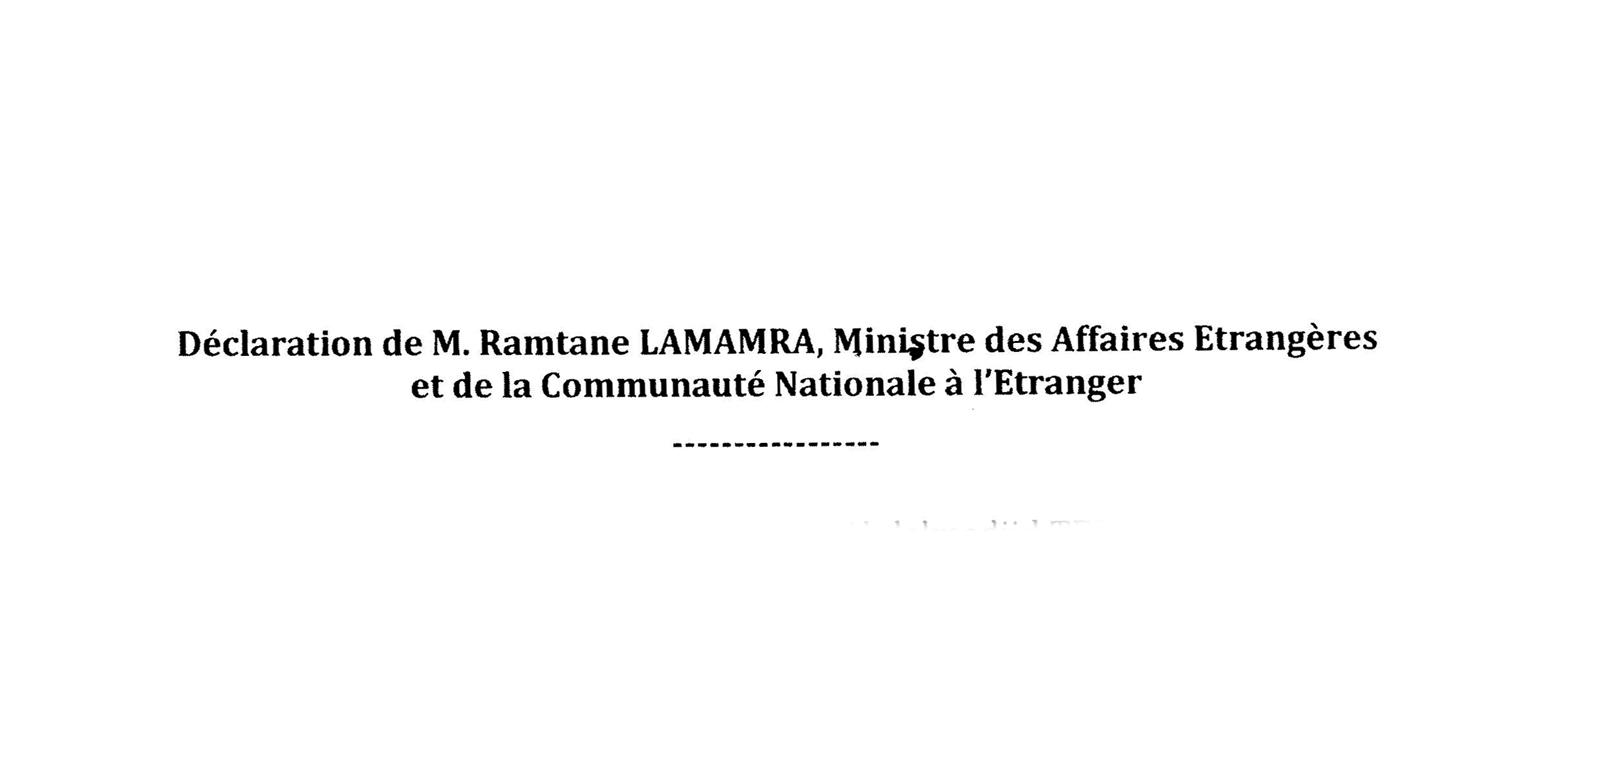 DECLARATION DE M.RAMTANE LAMAMRA, MINISTRE DES AFFAIRES ETRANGERS ET DE LA COMMUNAUTE NATIONALE A l'ETRANGER